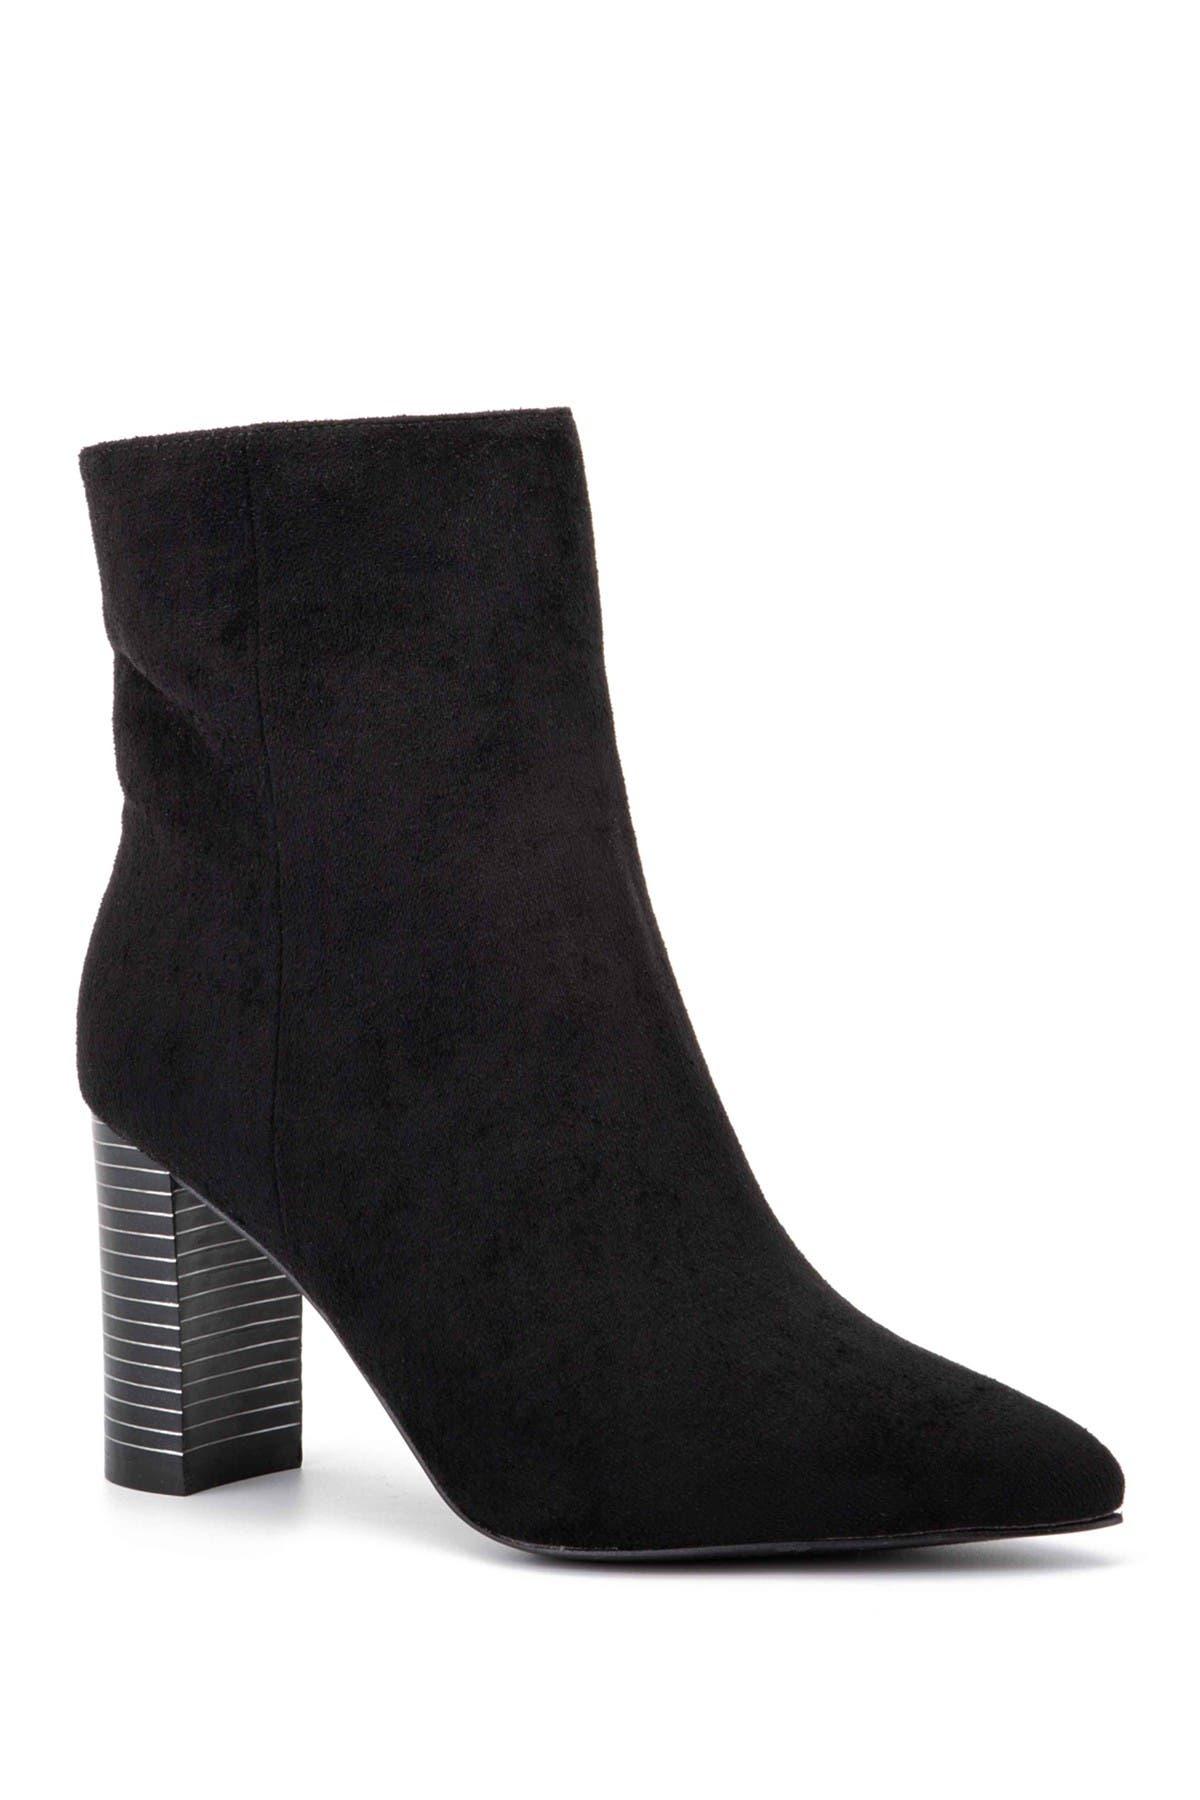 Image of OLIVIA MILLER Vogue Chunky Heel Bootie